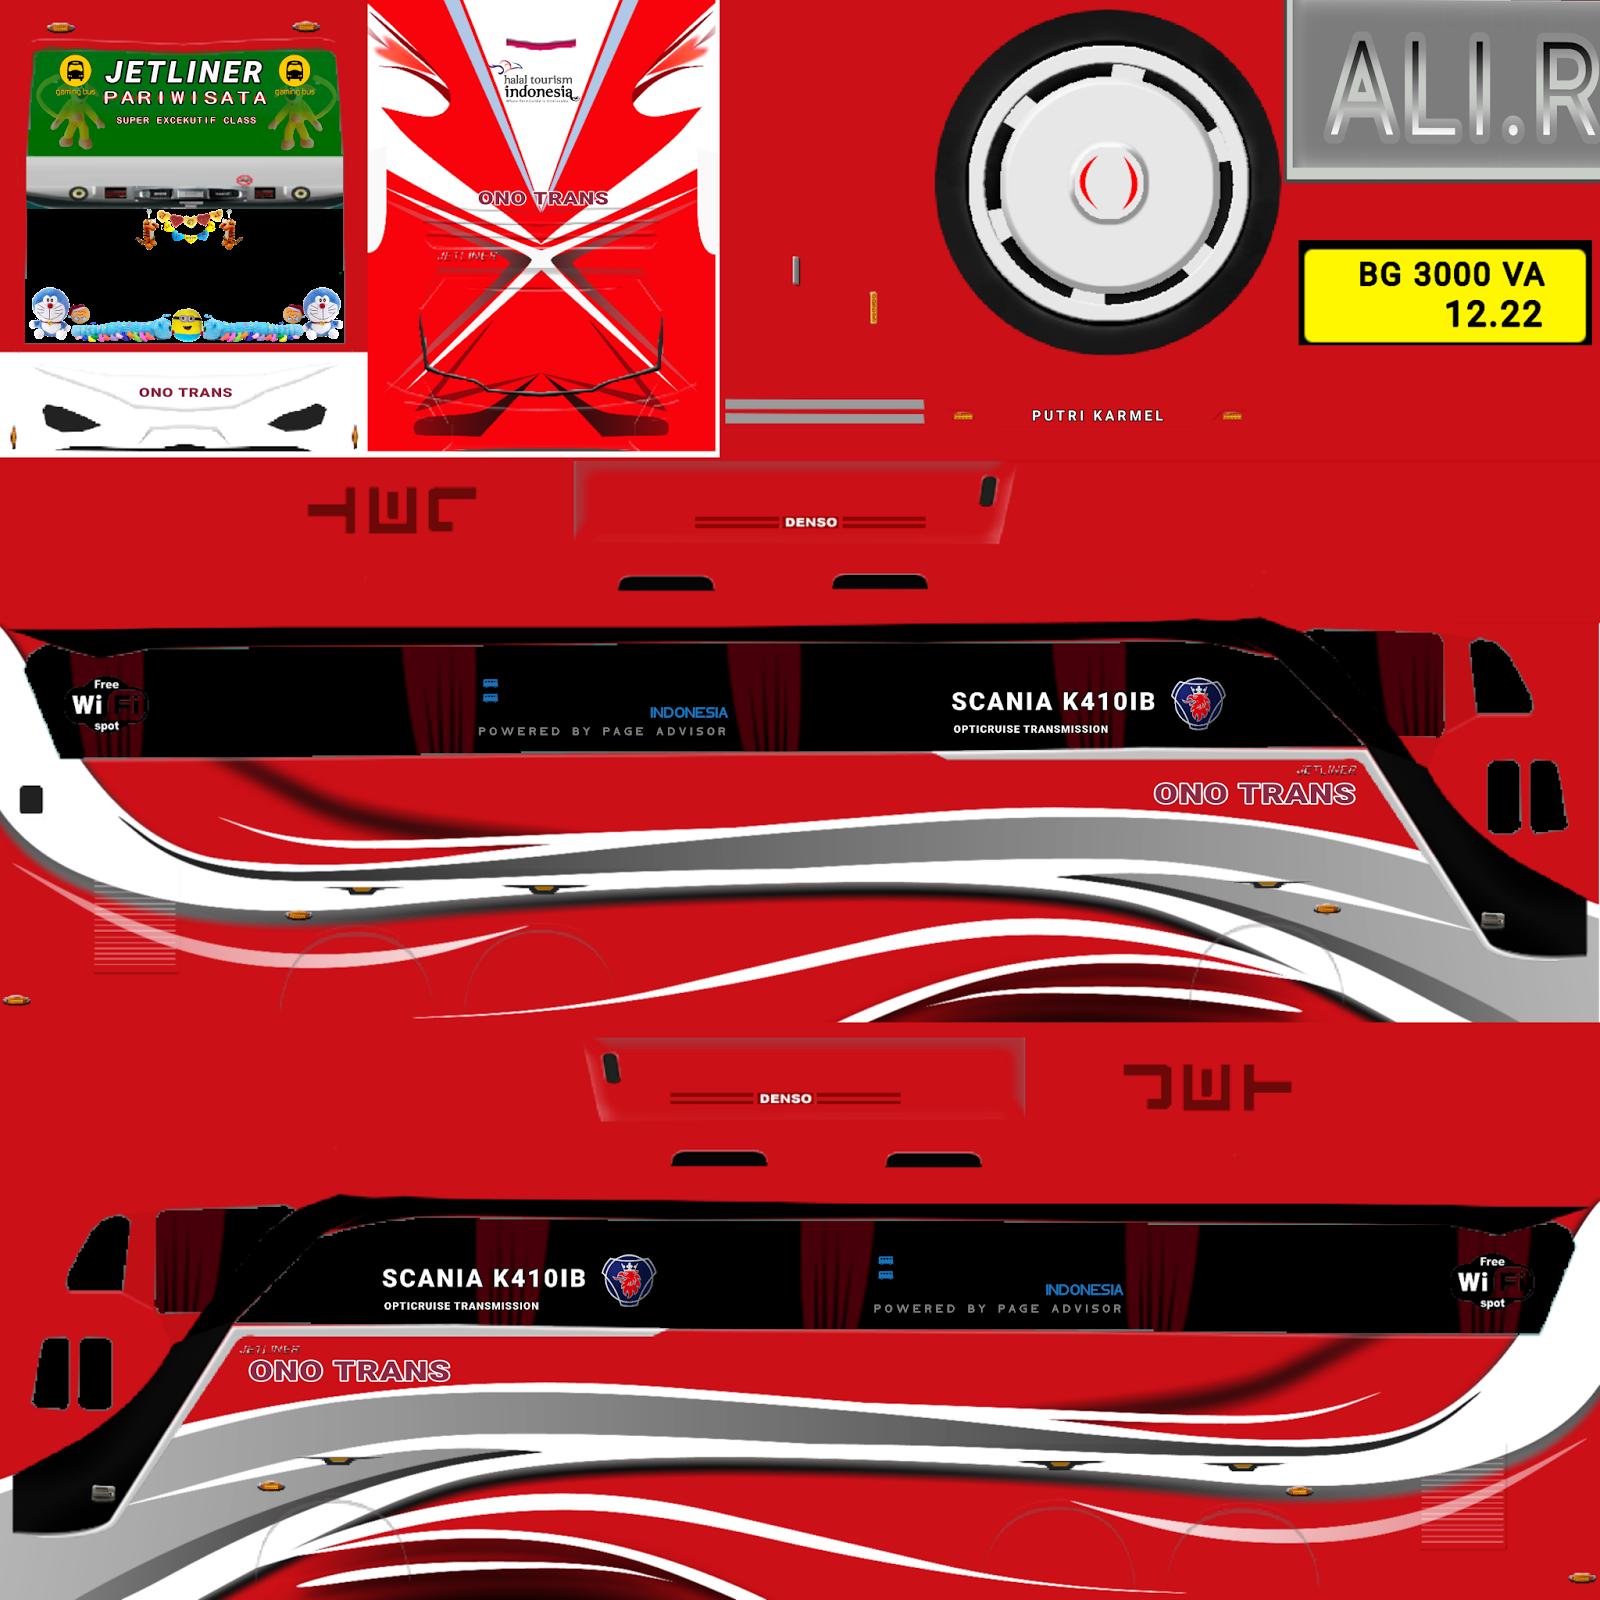 Livery Bus Simulator Indonesia Jernih Png Bagian V2 Semua Aja Konsep Mobil Stiker Mobil Mobil Modifikasi